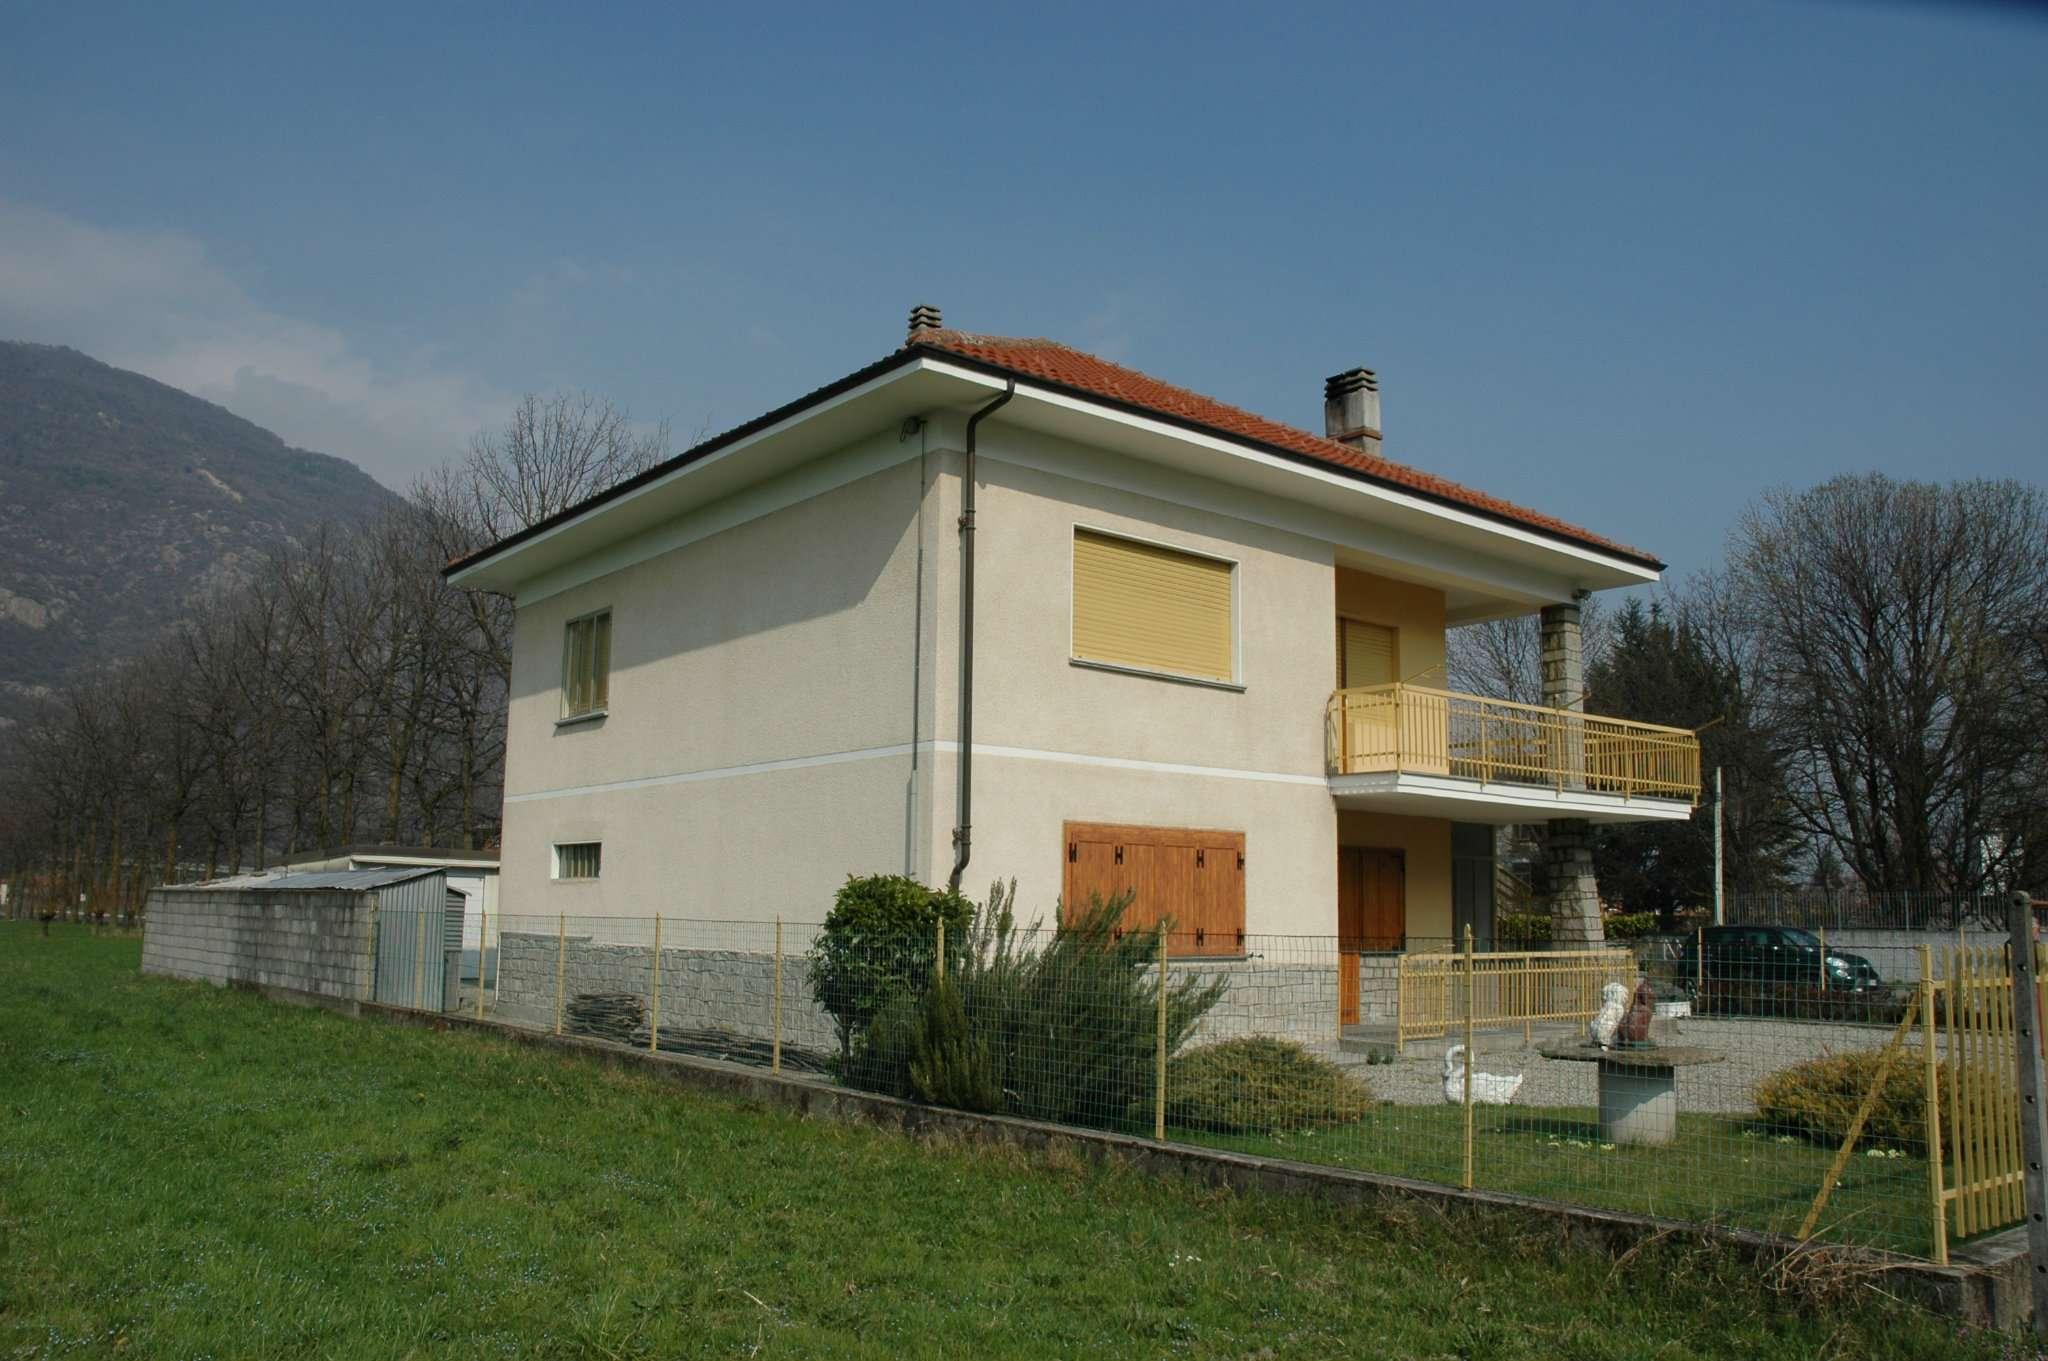 Soluzione Indipendente in vendita a Sant'Antonino di Susa, 7 locali, prezzo € 235.000 | CambioCasa.it